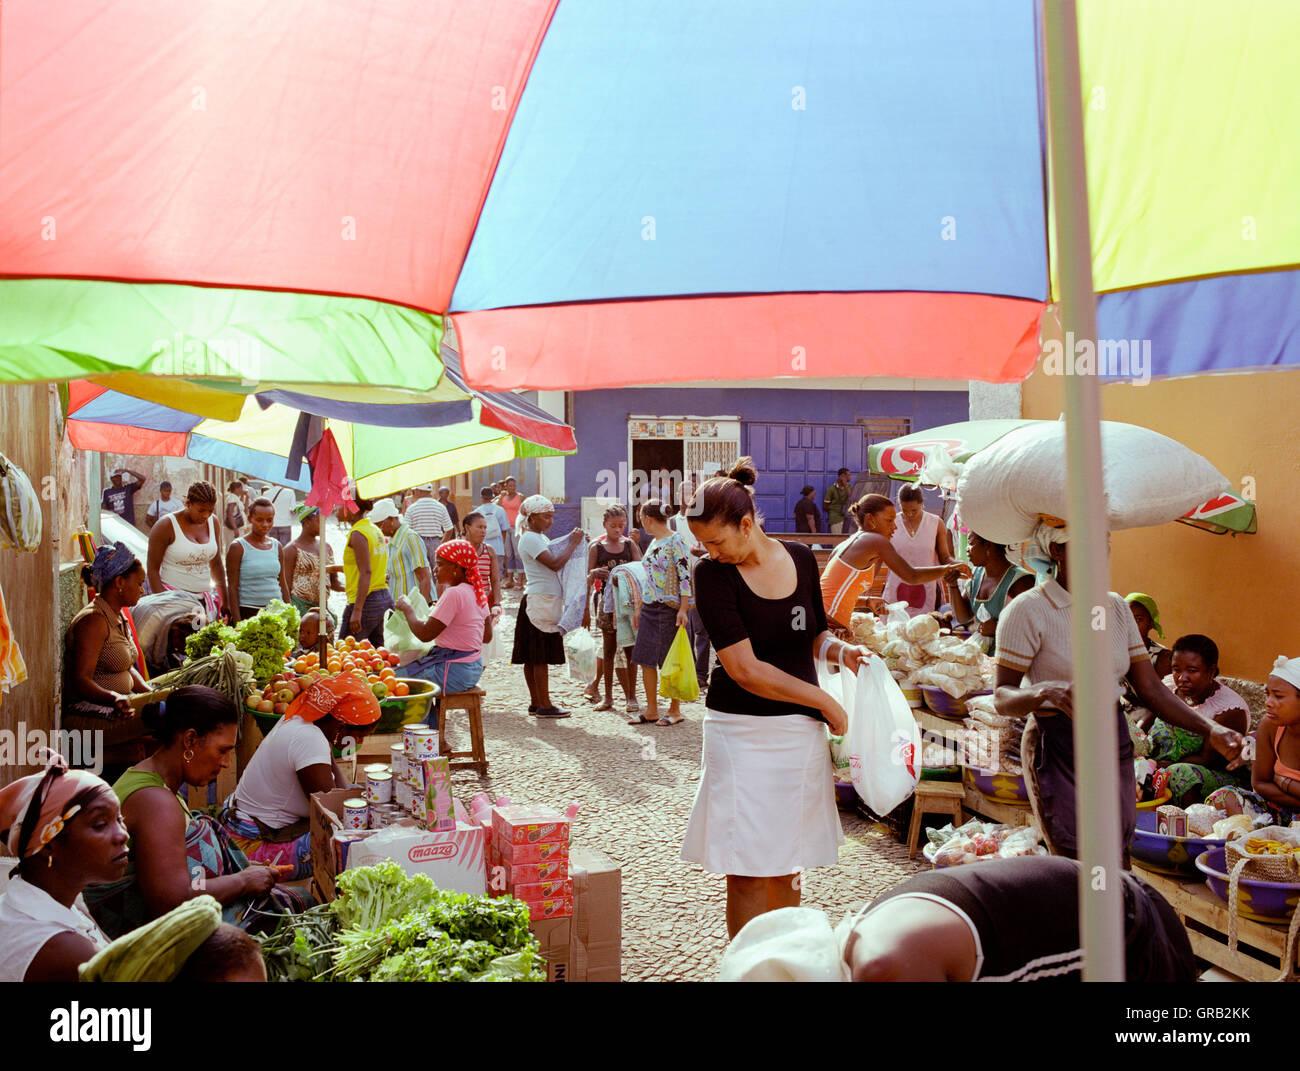 Eine Frau einkaufen bei Mercado de Prahia, ein Morgenmarkt in der Stadt Praia, Santiago, Kapverden, Afrika. Stockbild